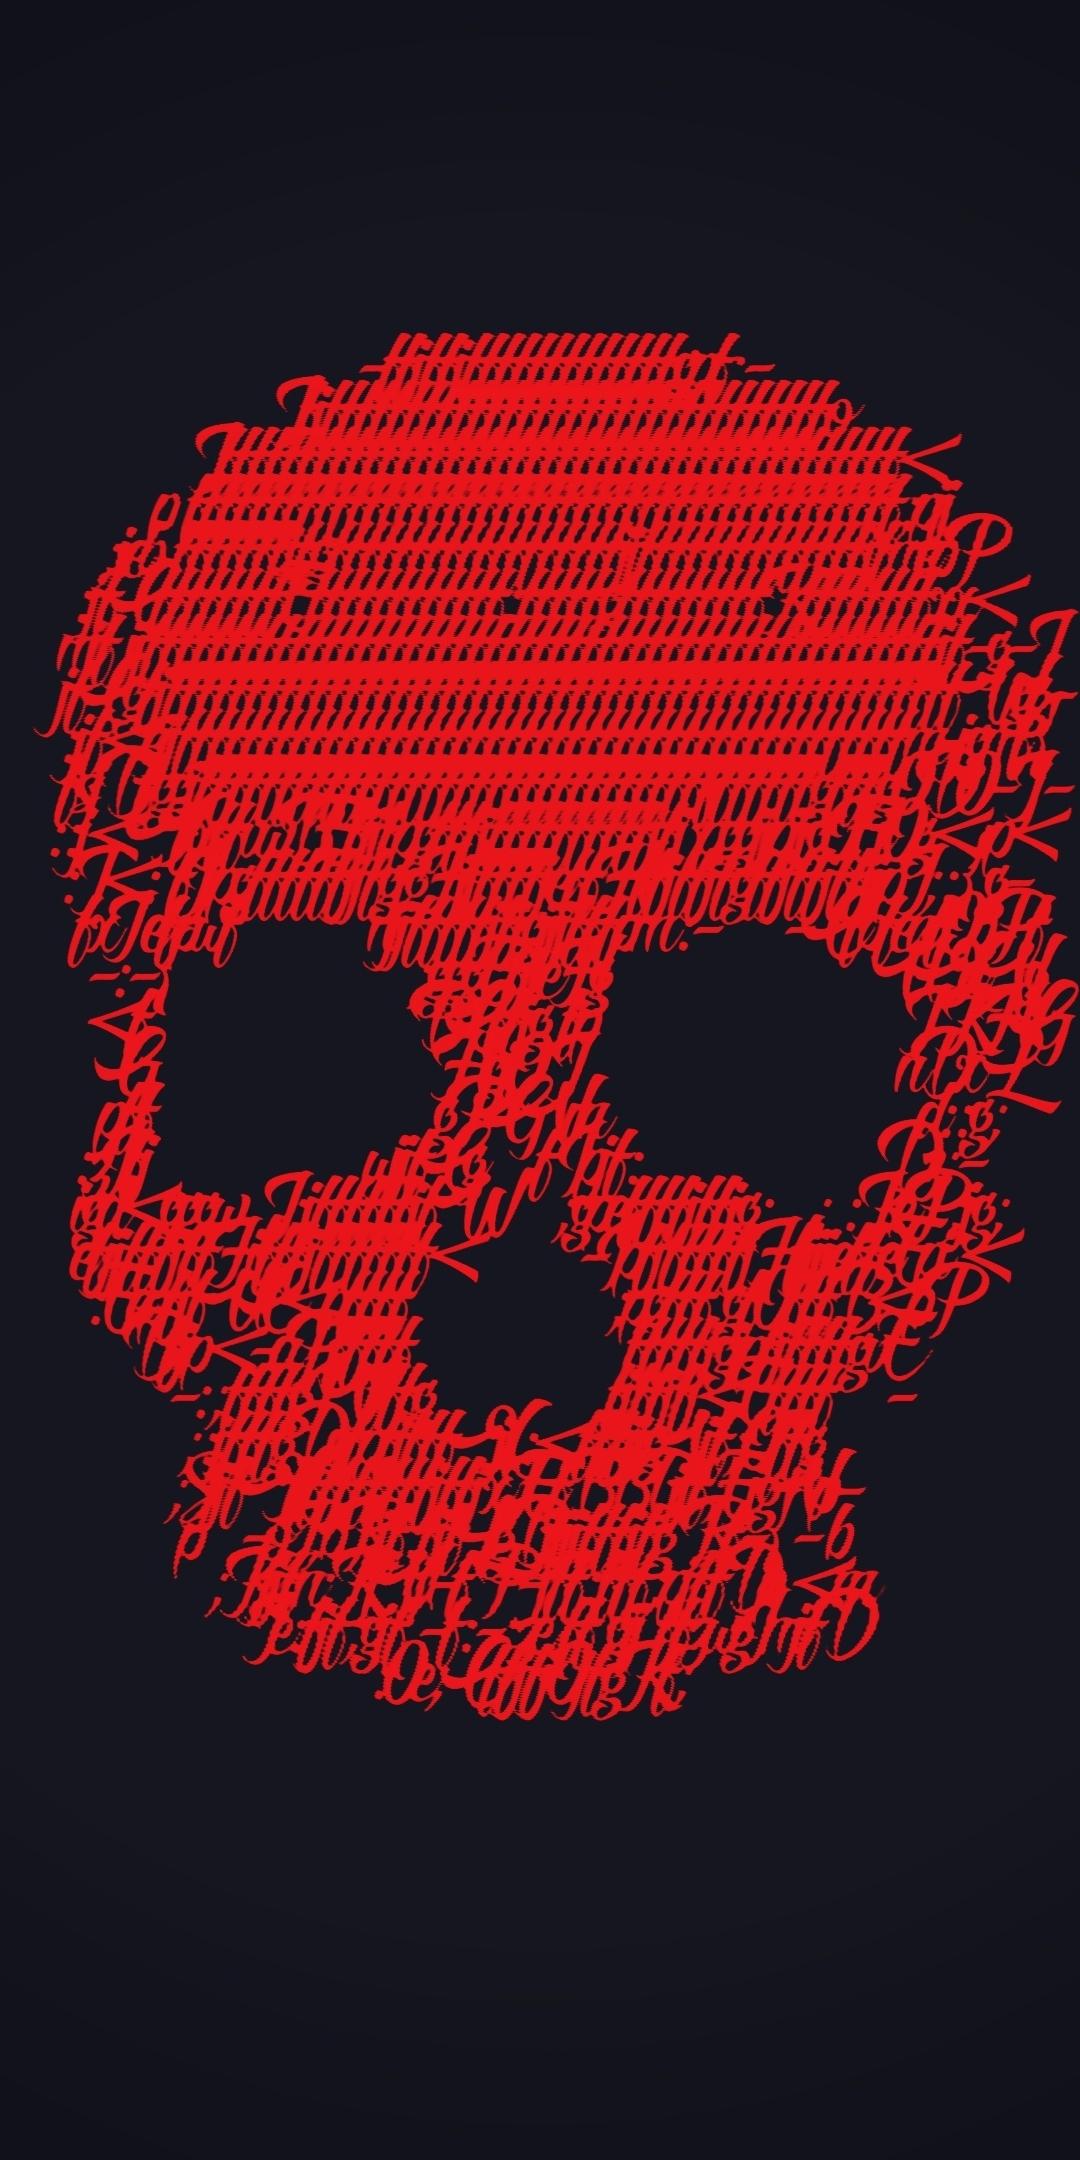 Download 1080x2160 Wallpaper Skull Glitch Art Minimal Dark Red